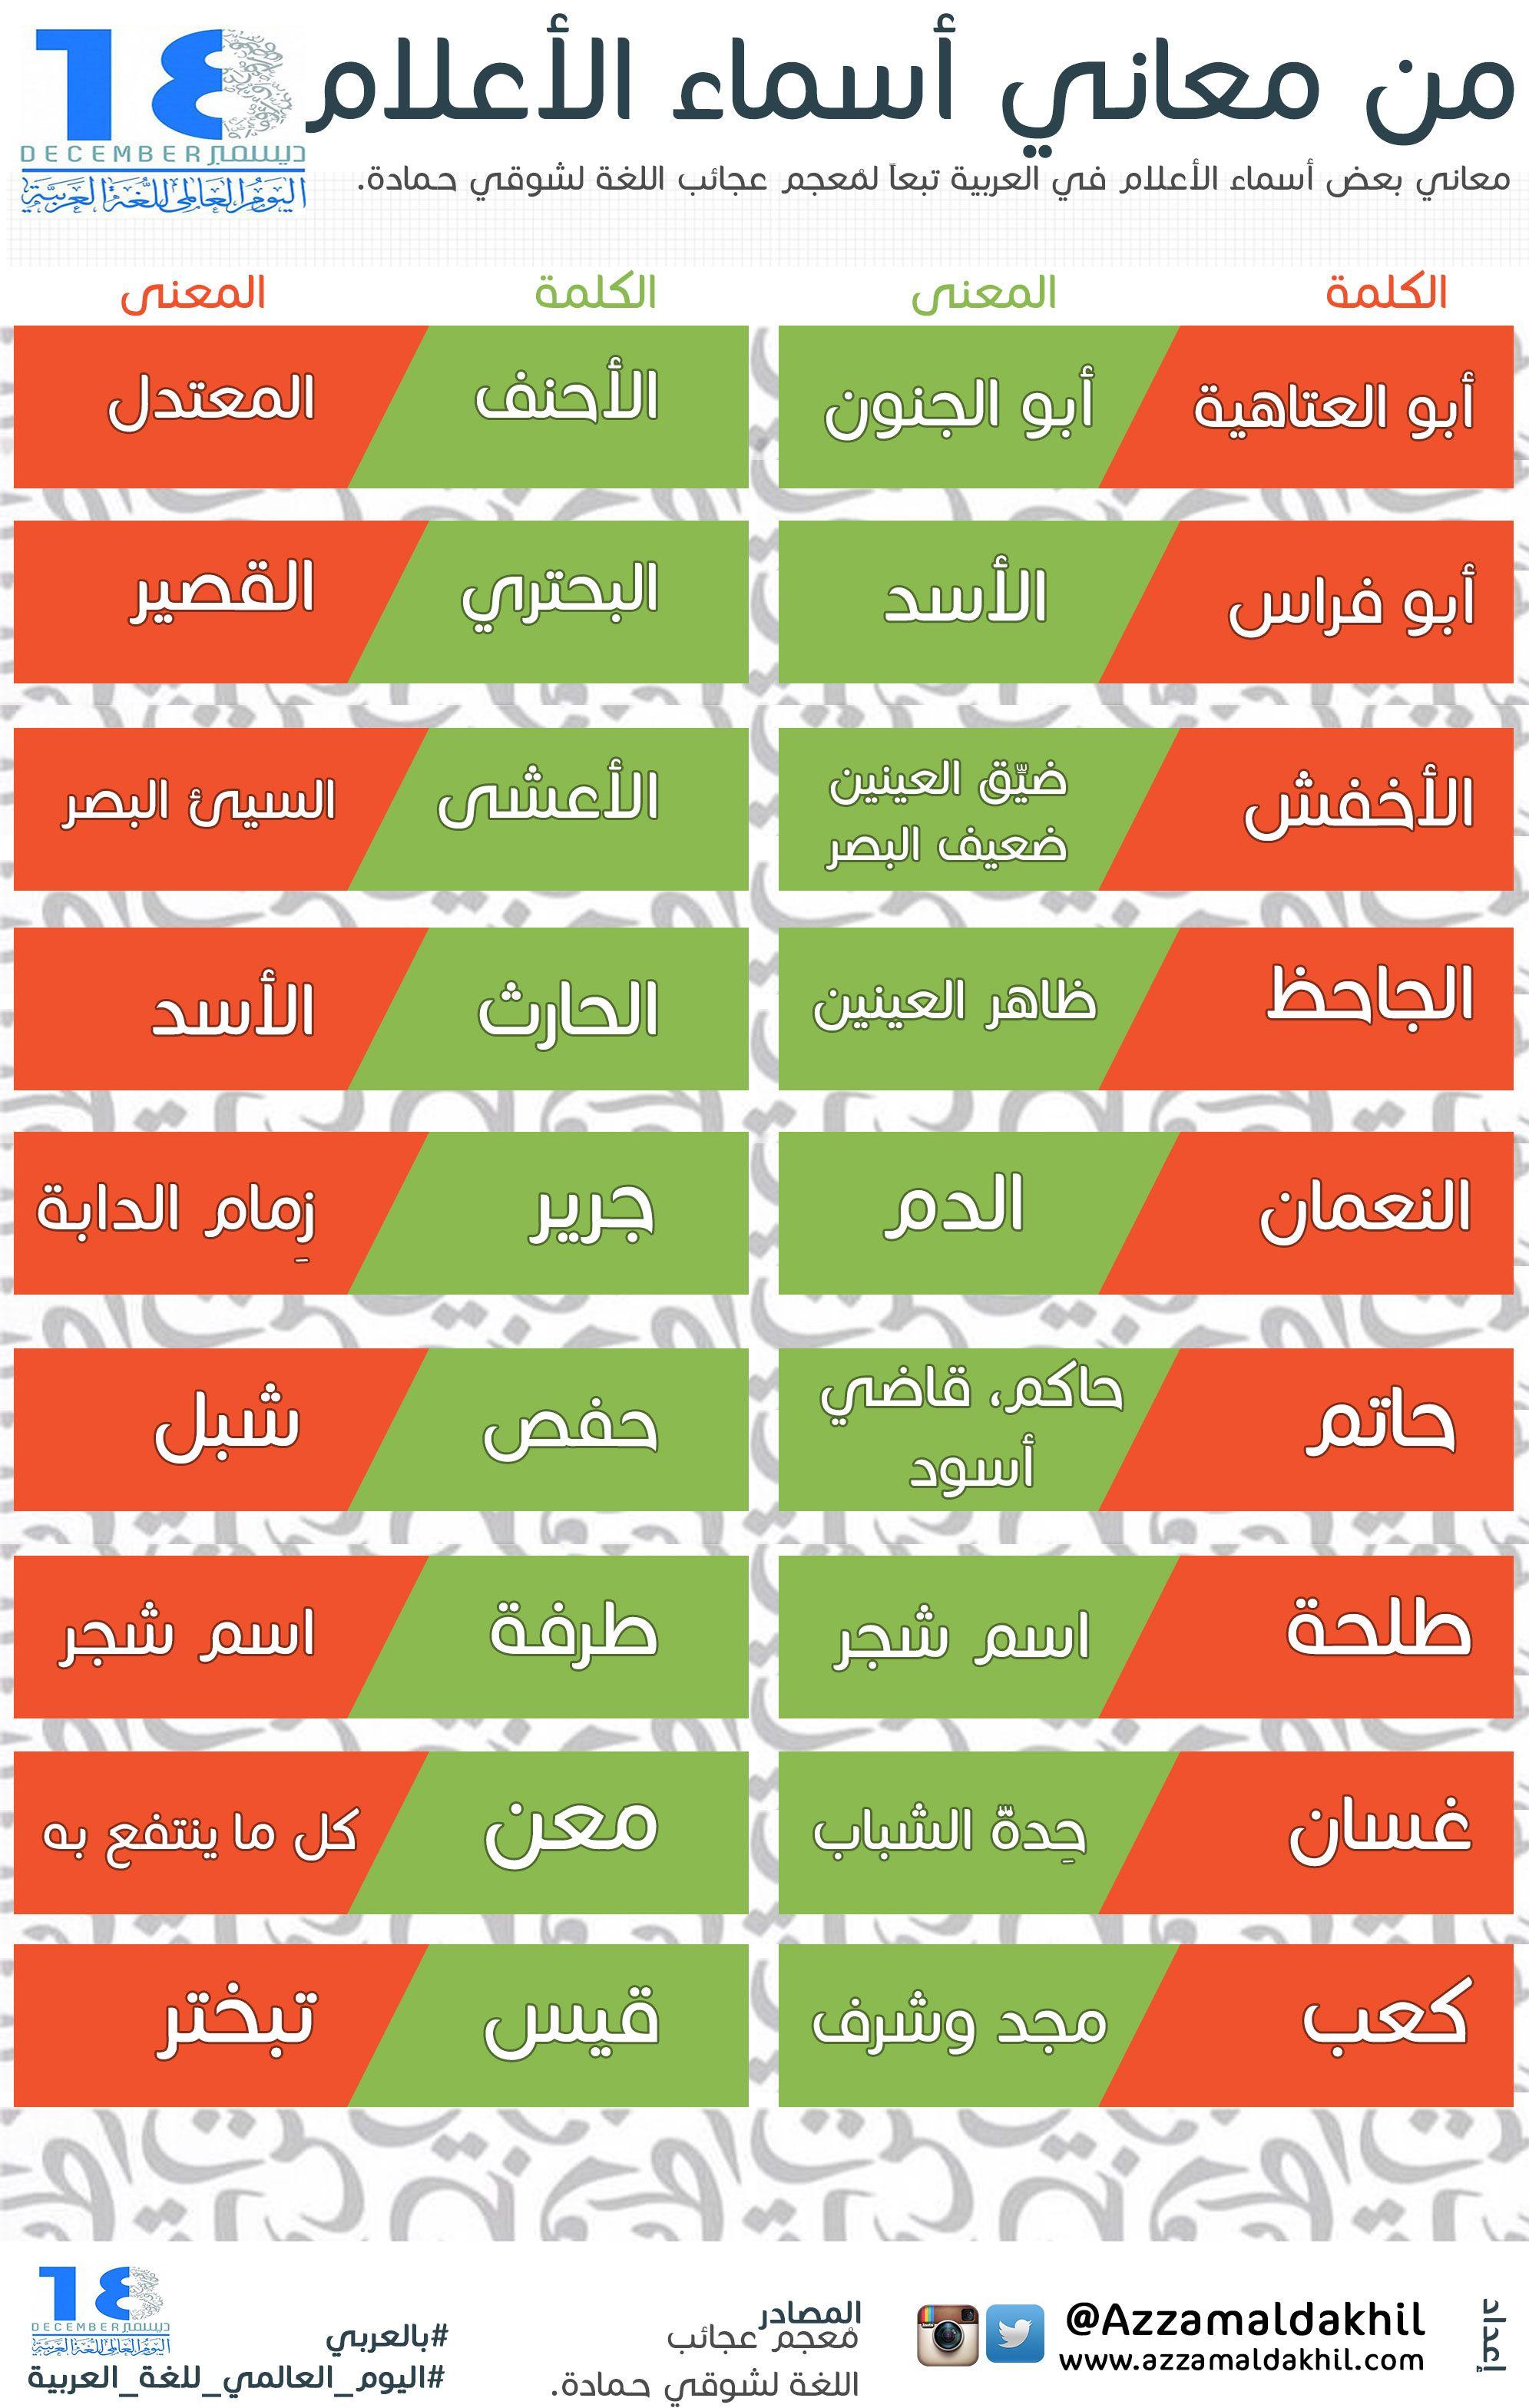 من معاني الأسماء في اللغة العربية Learn Arabic Language Learning Arabic Arabic Language